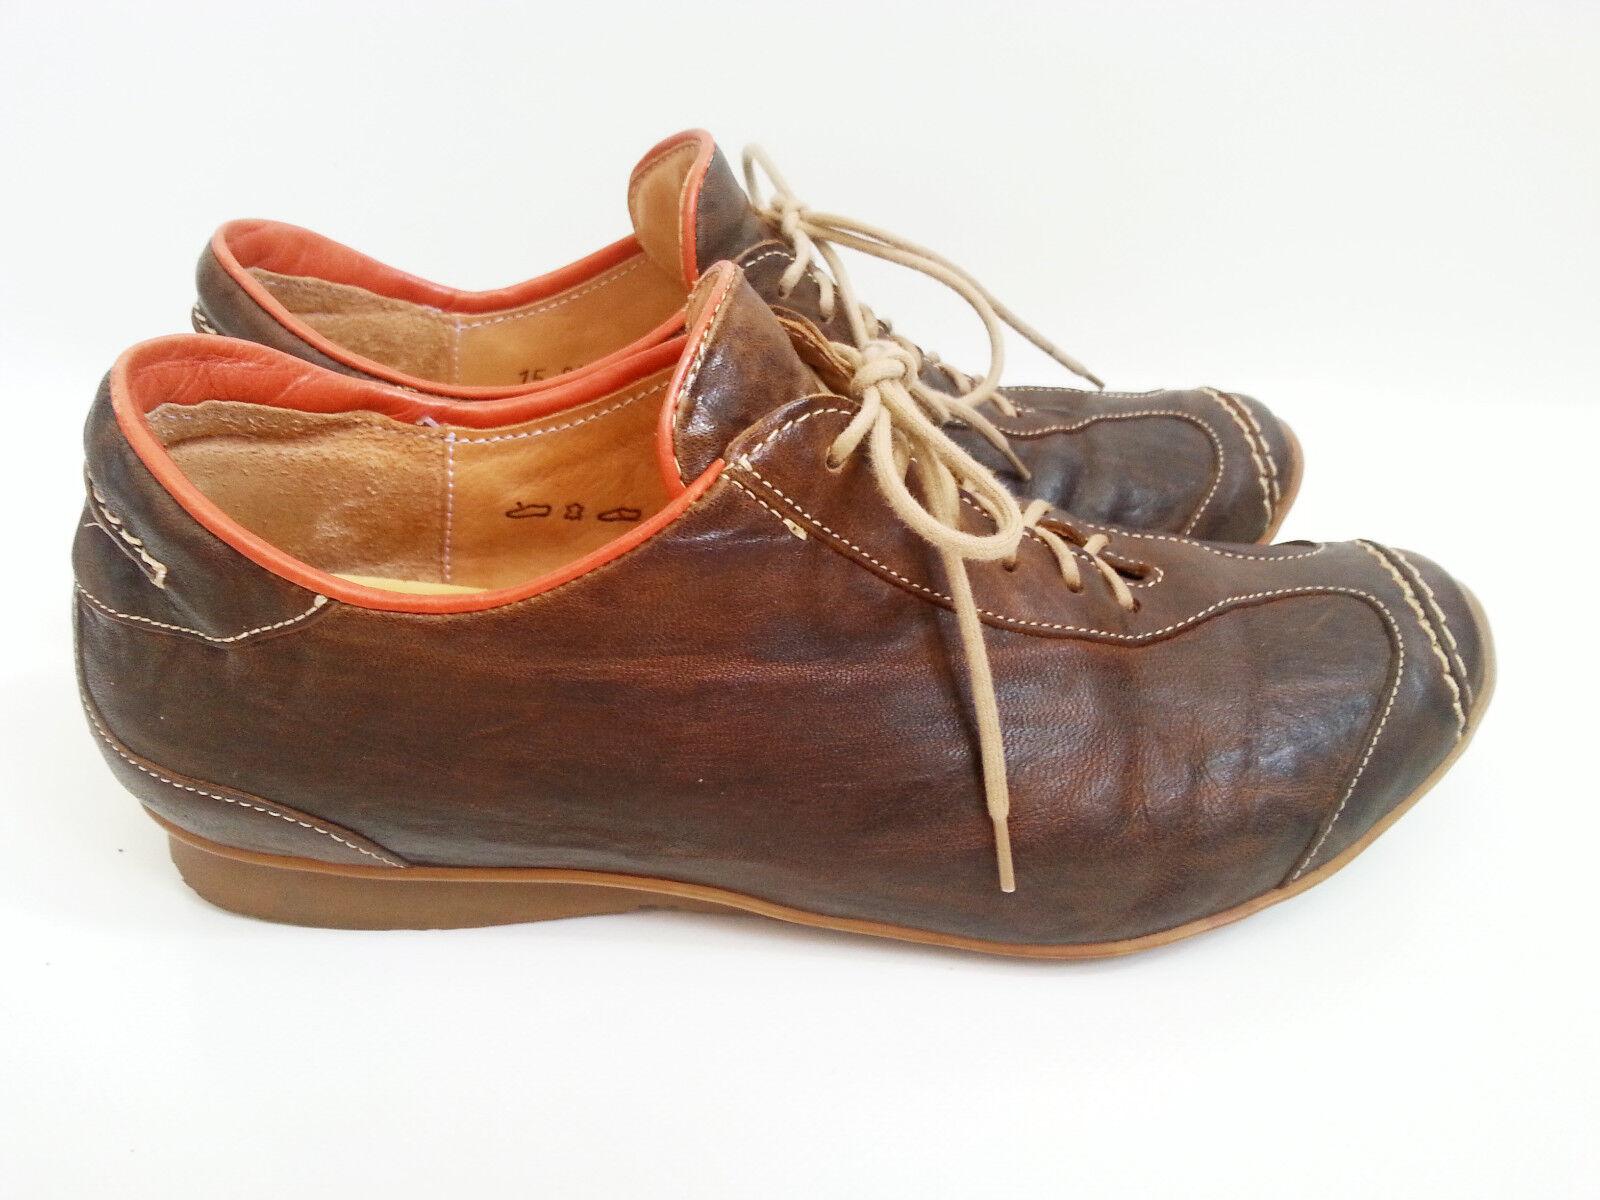 Think  Schuhe Sneaker Damenschuhe Turnschuhe Gr. 38 braun braun braun Lederschuhe 9a1cd2